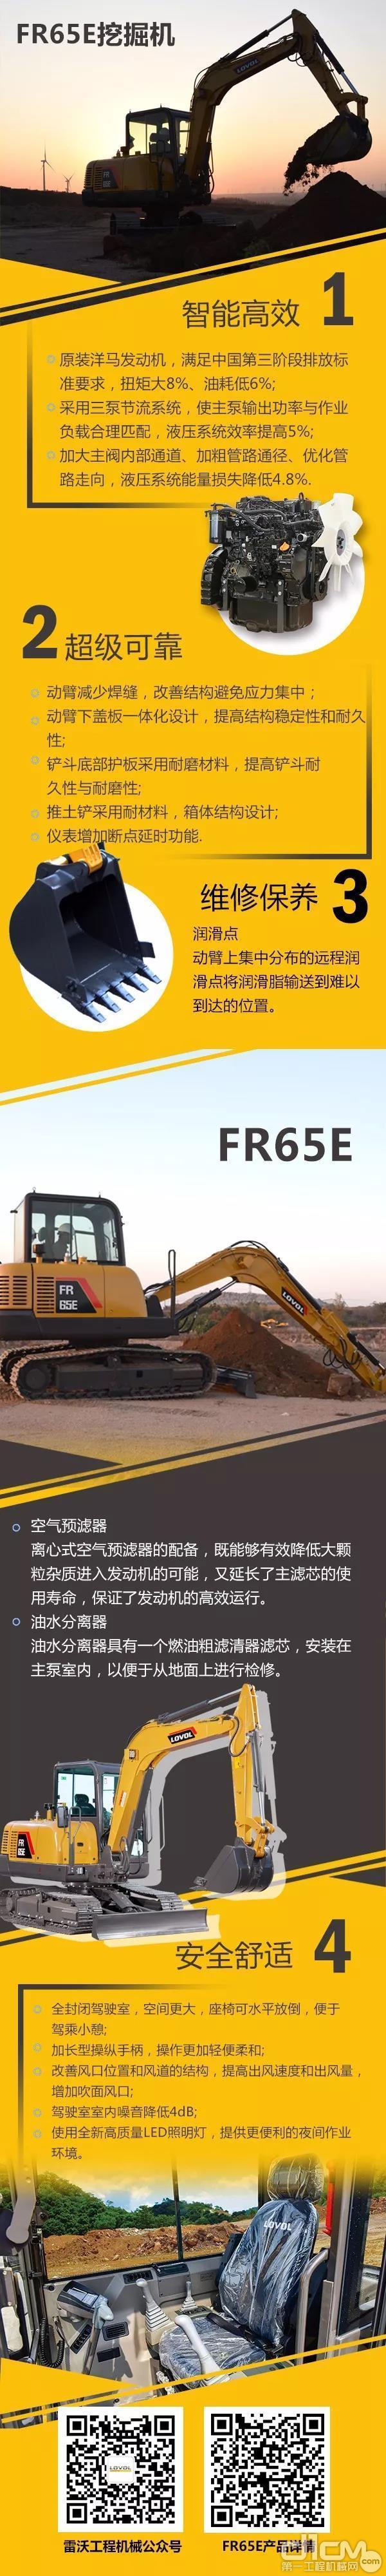 雷沃FR65E挖掘机。